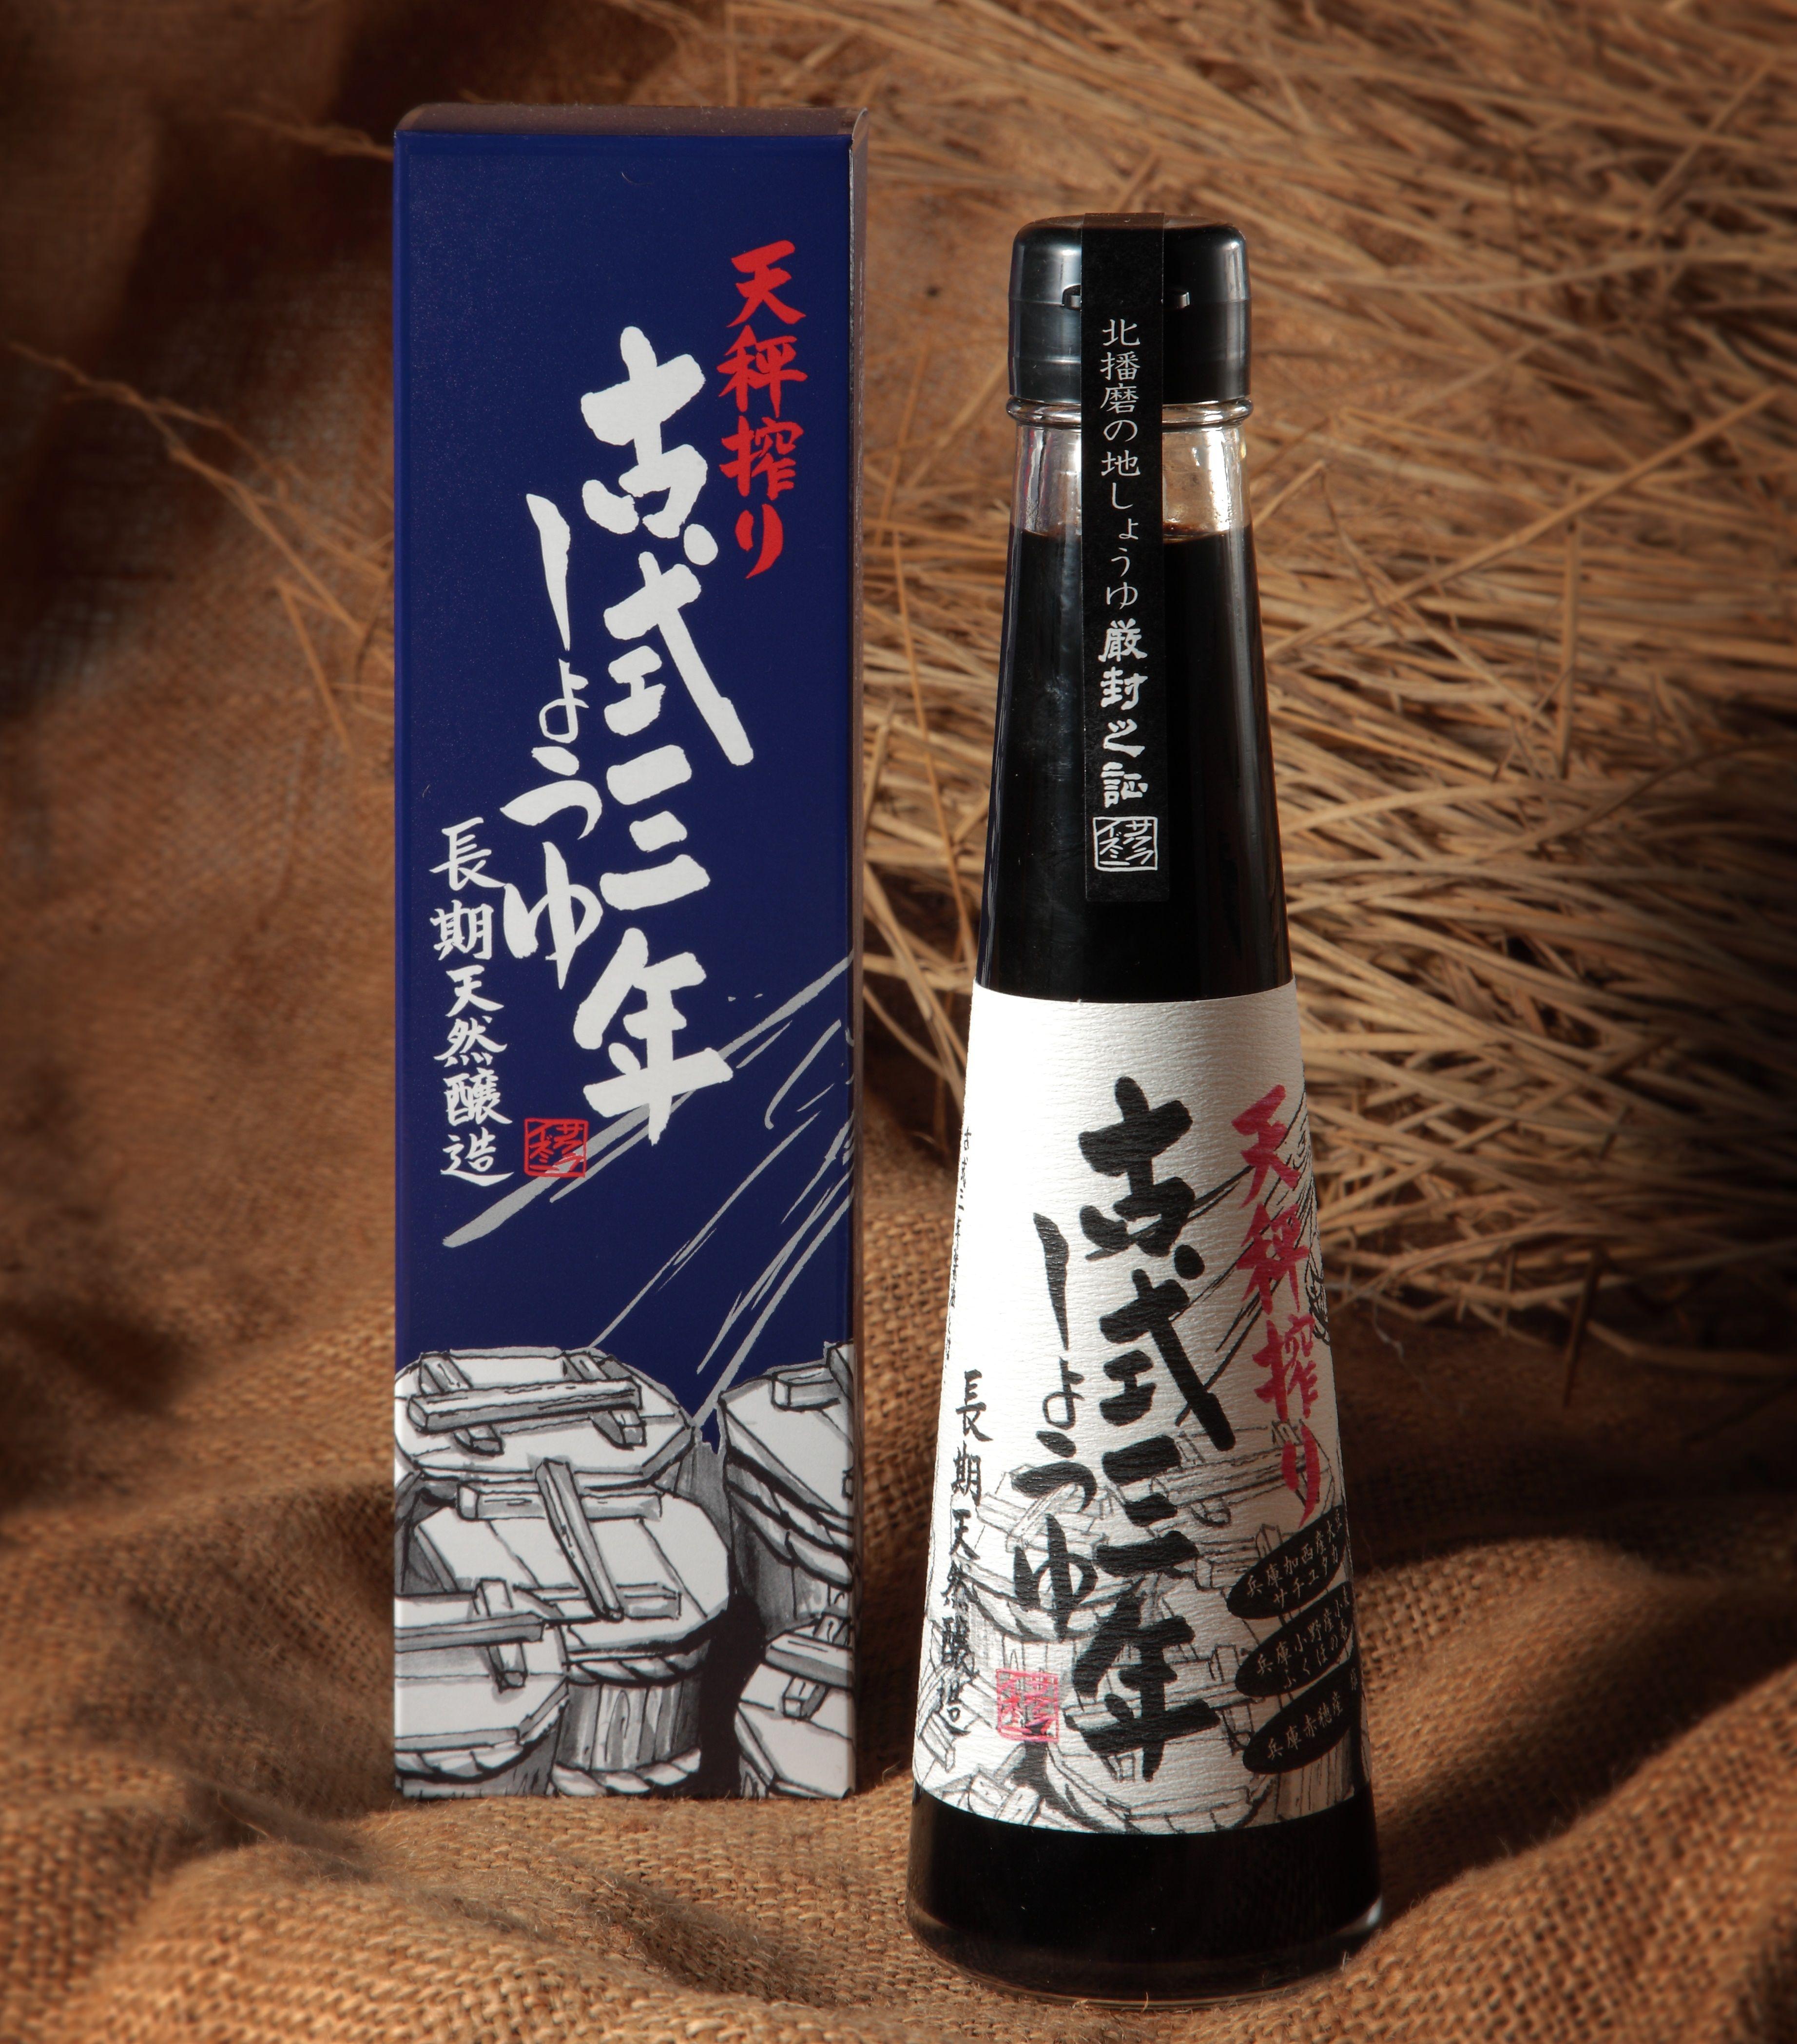 【五つ星ひょうご・加西喝采みやげ受賞】古式三年しょうゆ(200ml瓶タイプ箱入り)